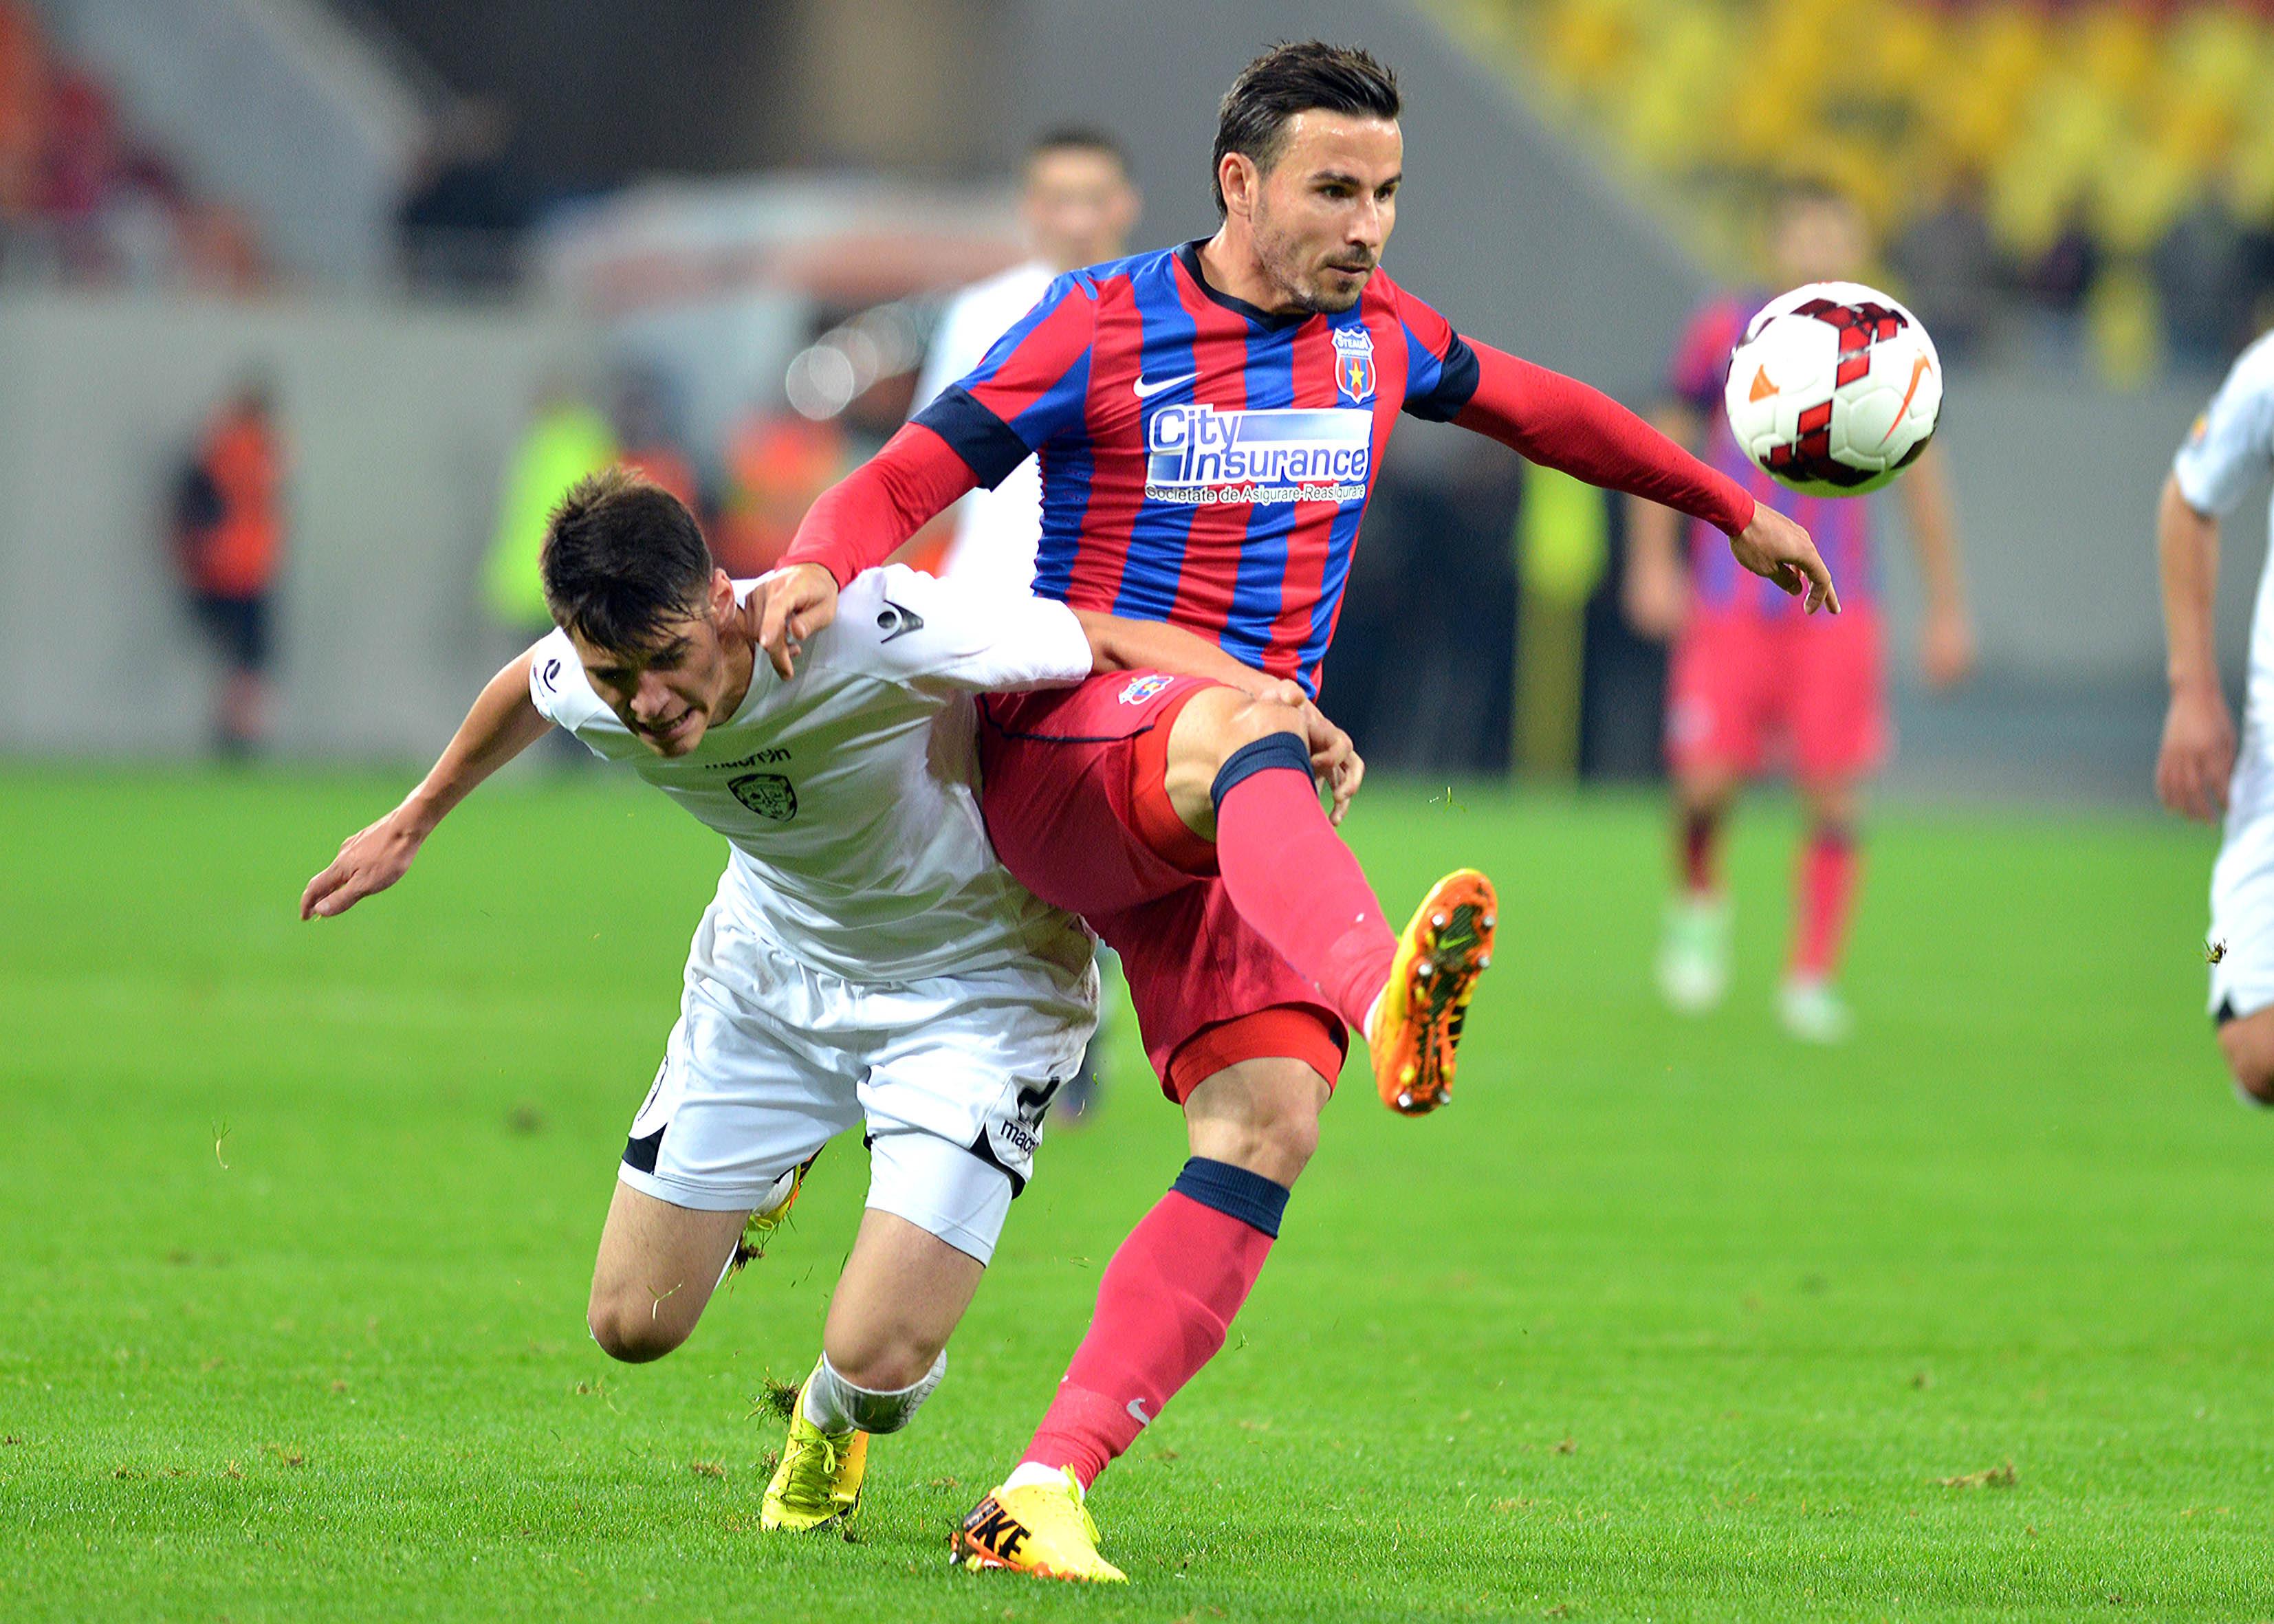 Dupa ce a plecat de la Steaua, Adrian Cristea nu a reusit sa isi mai gaseasca echipa